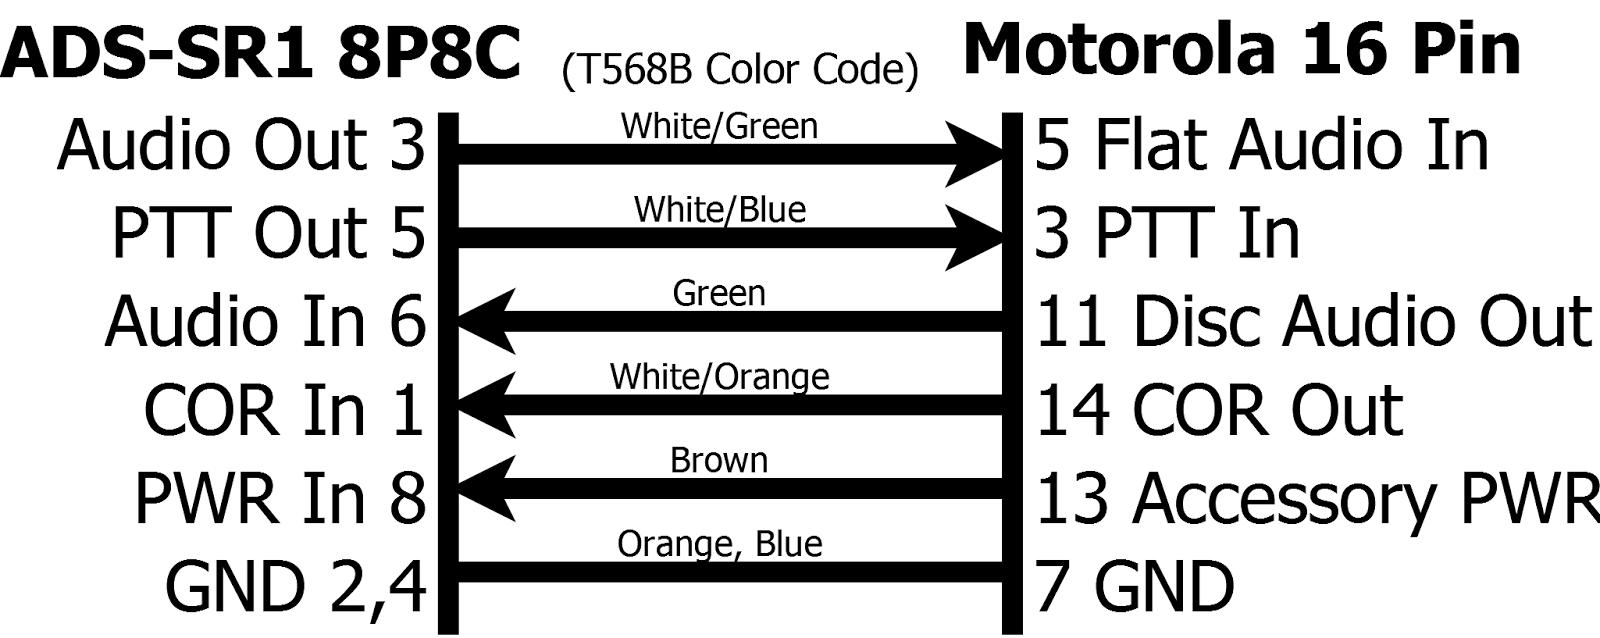 t568b pinout diagram